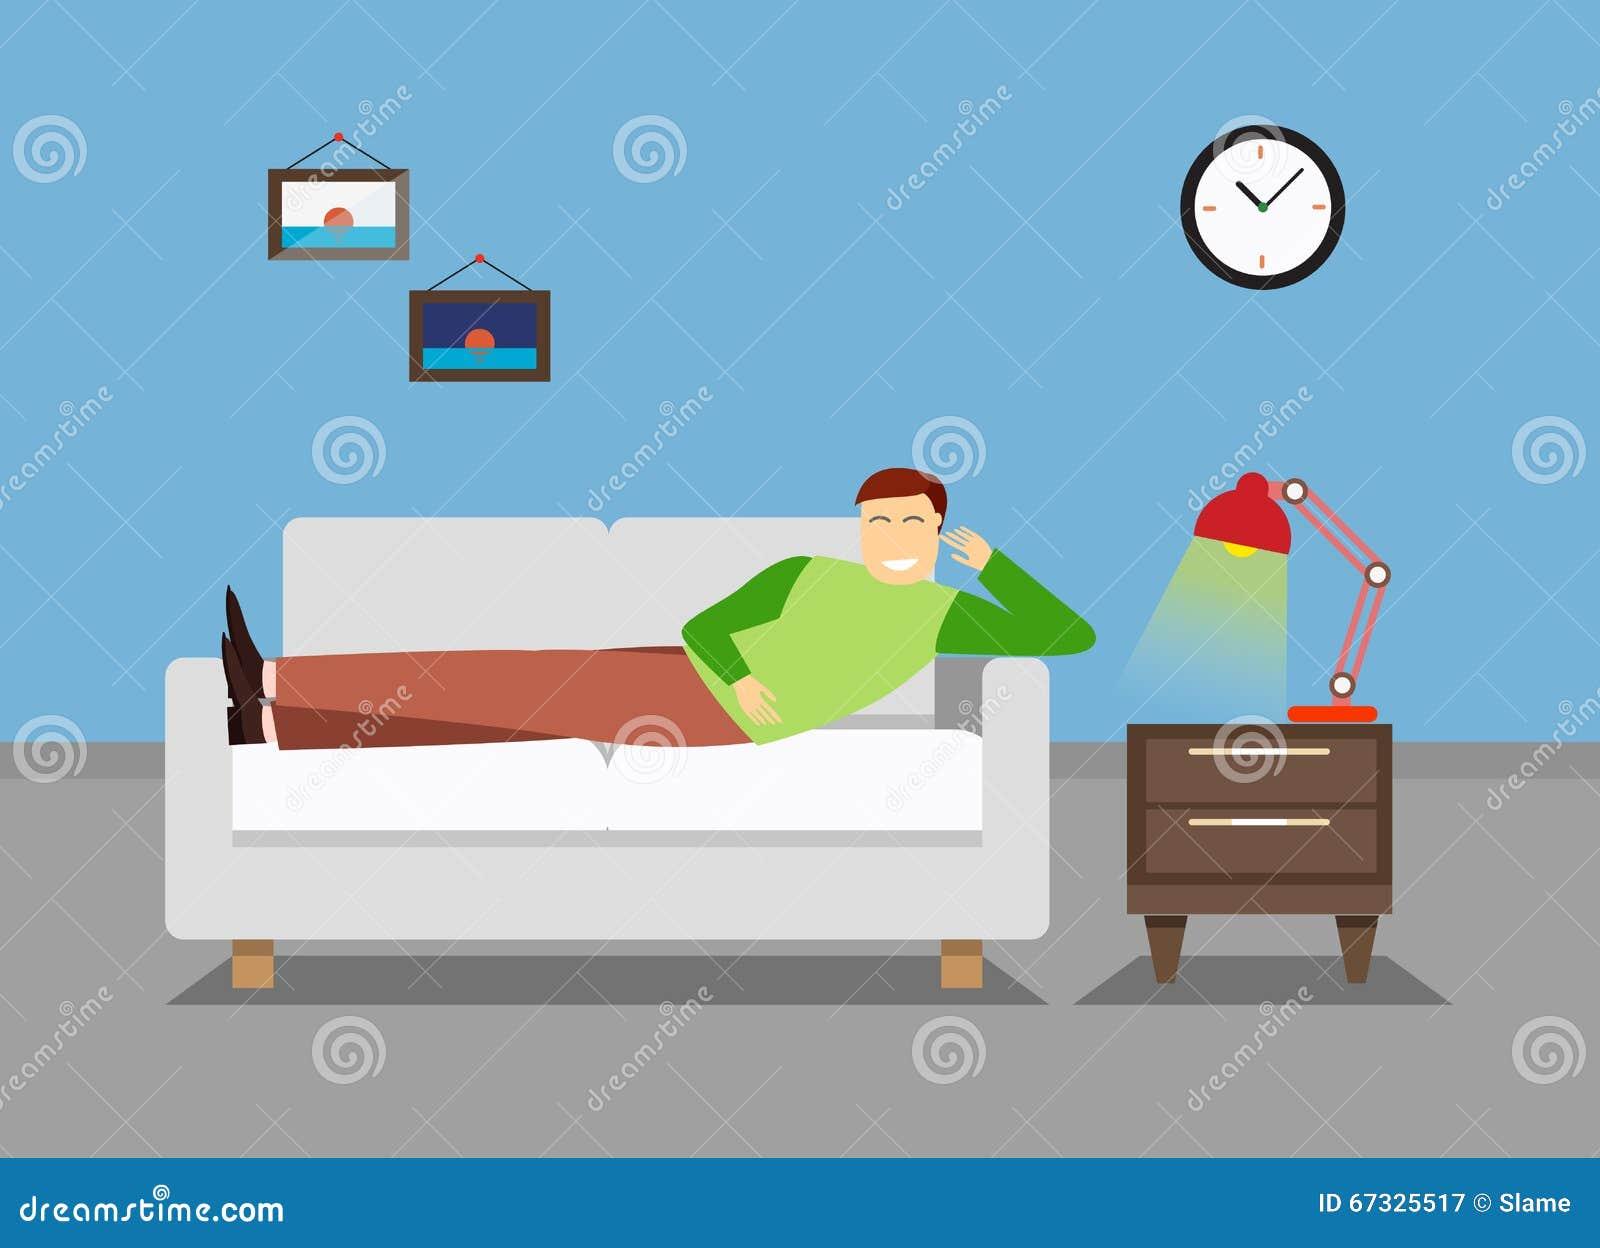 Mann Steht Im Schlafzimmer Auf Der Couch Oder Dem Sofa Still ...